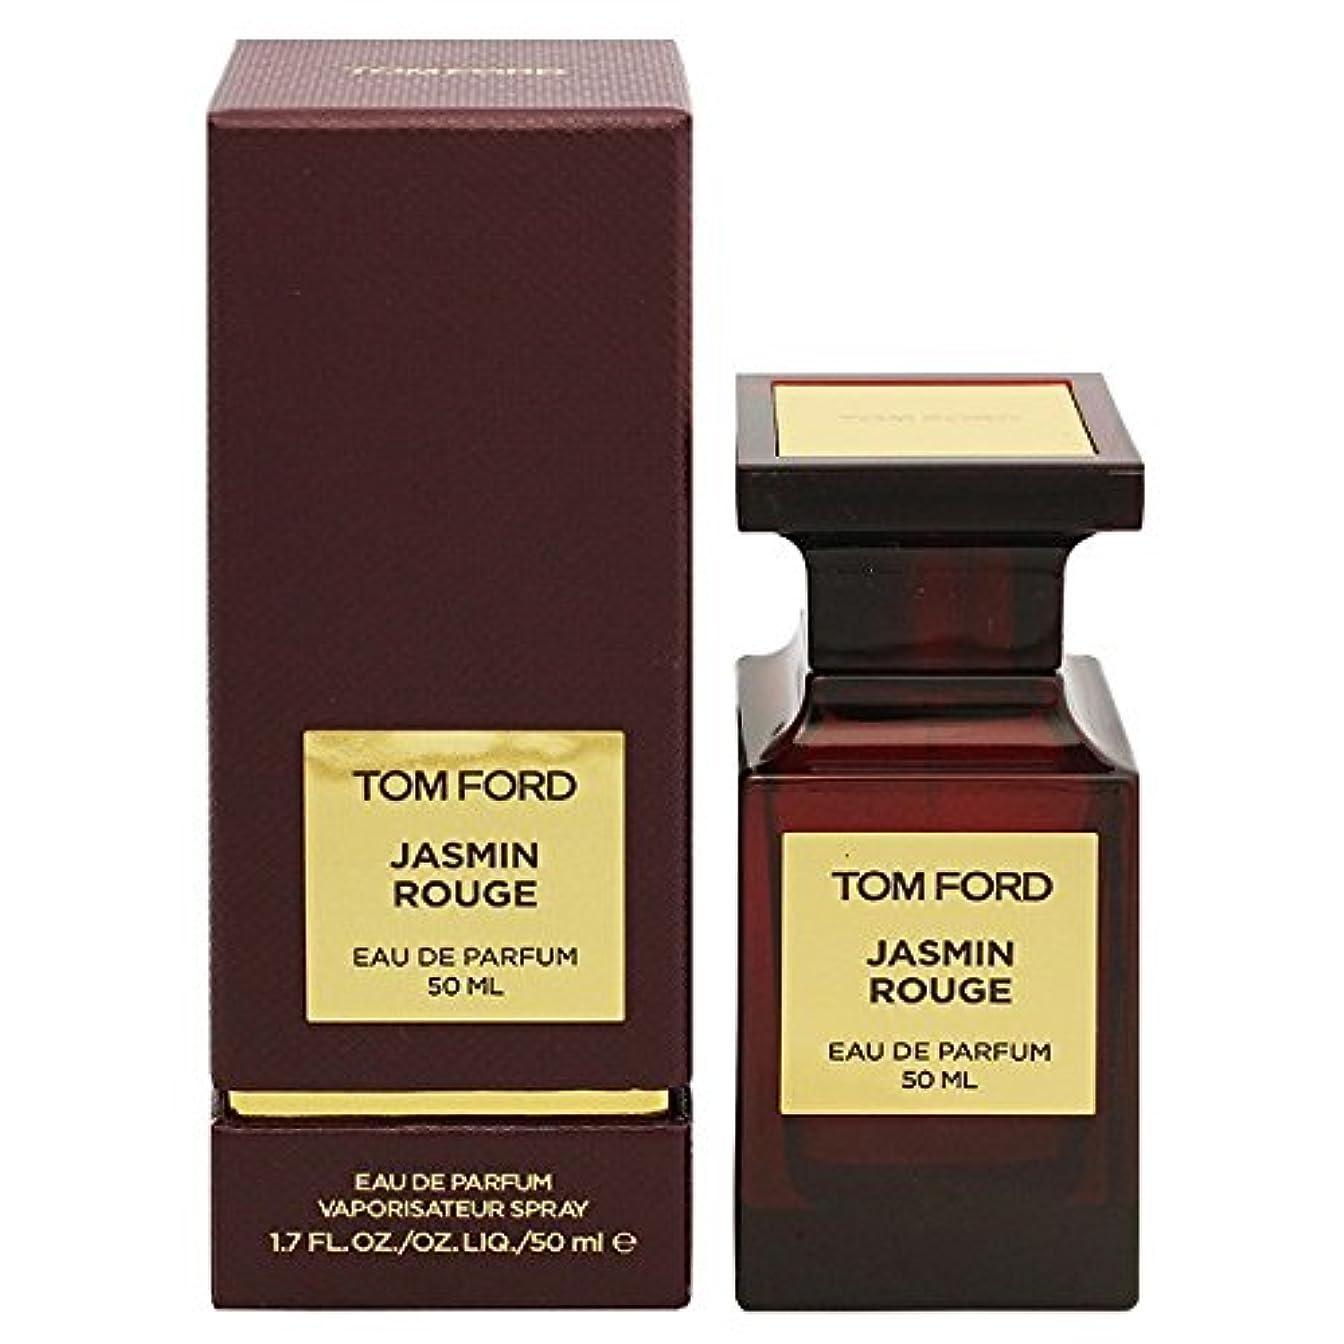 上昇赤お気に入りトムフォード TOM FORD 香水 ジャスミン ルージュ オード パルファム 50ml レディース [並行輸入品]